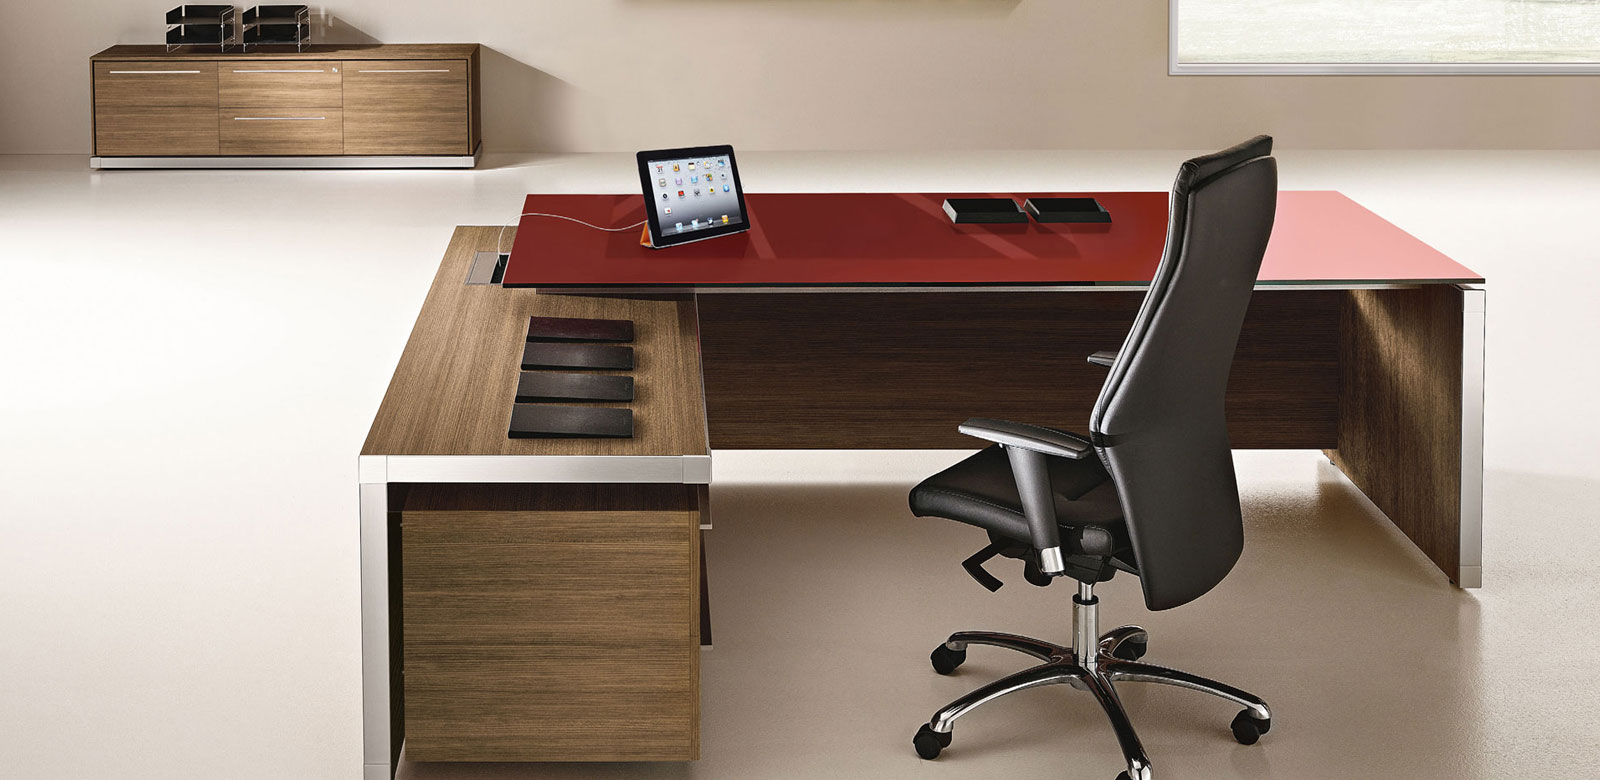 Arredo ufficio arredamento e mobili per ufficio su misura for Mobili per arredo ufficio